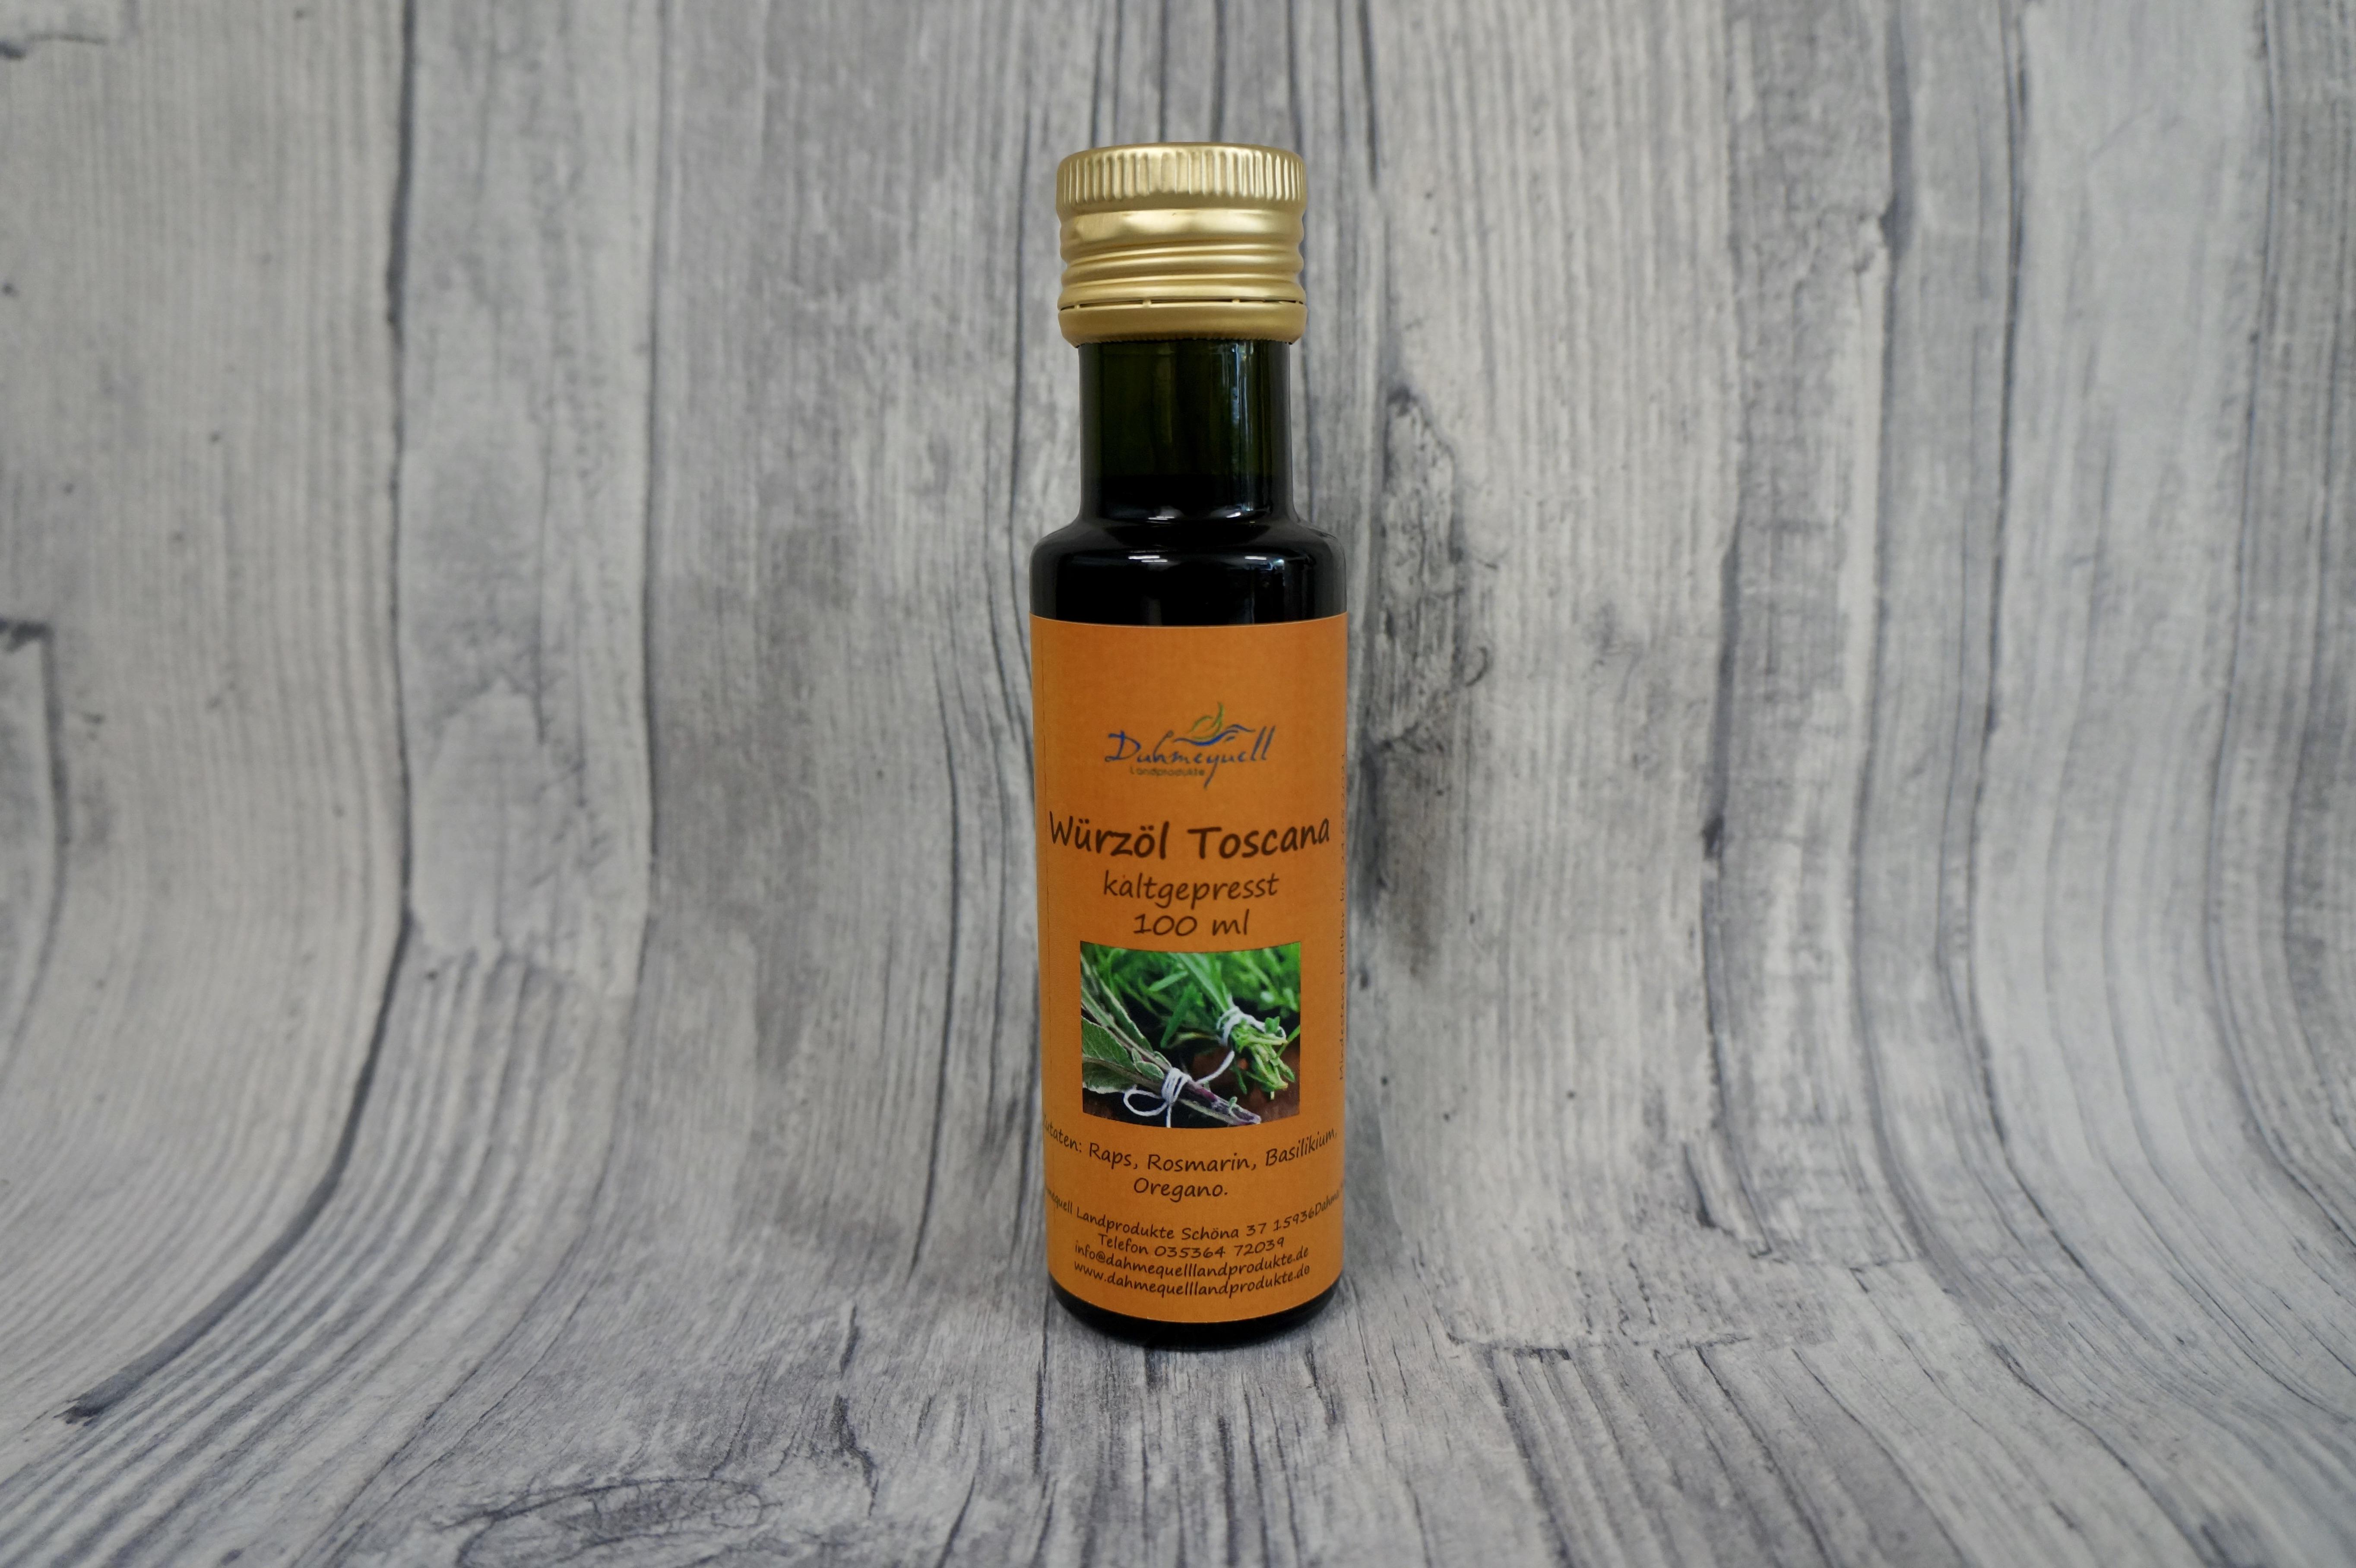 Würzöl Toscana 100 ml